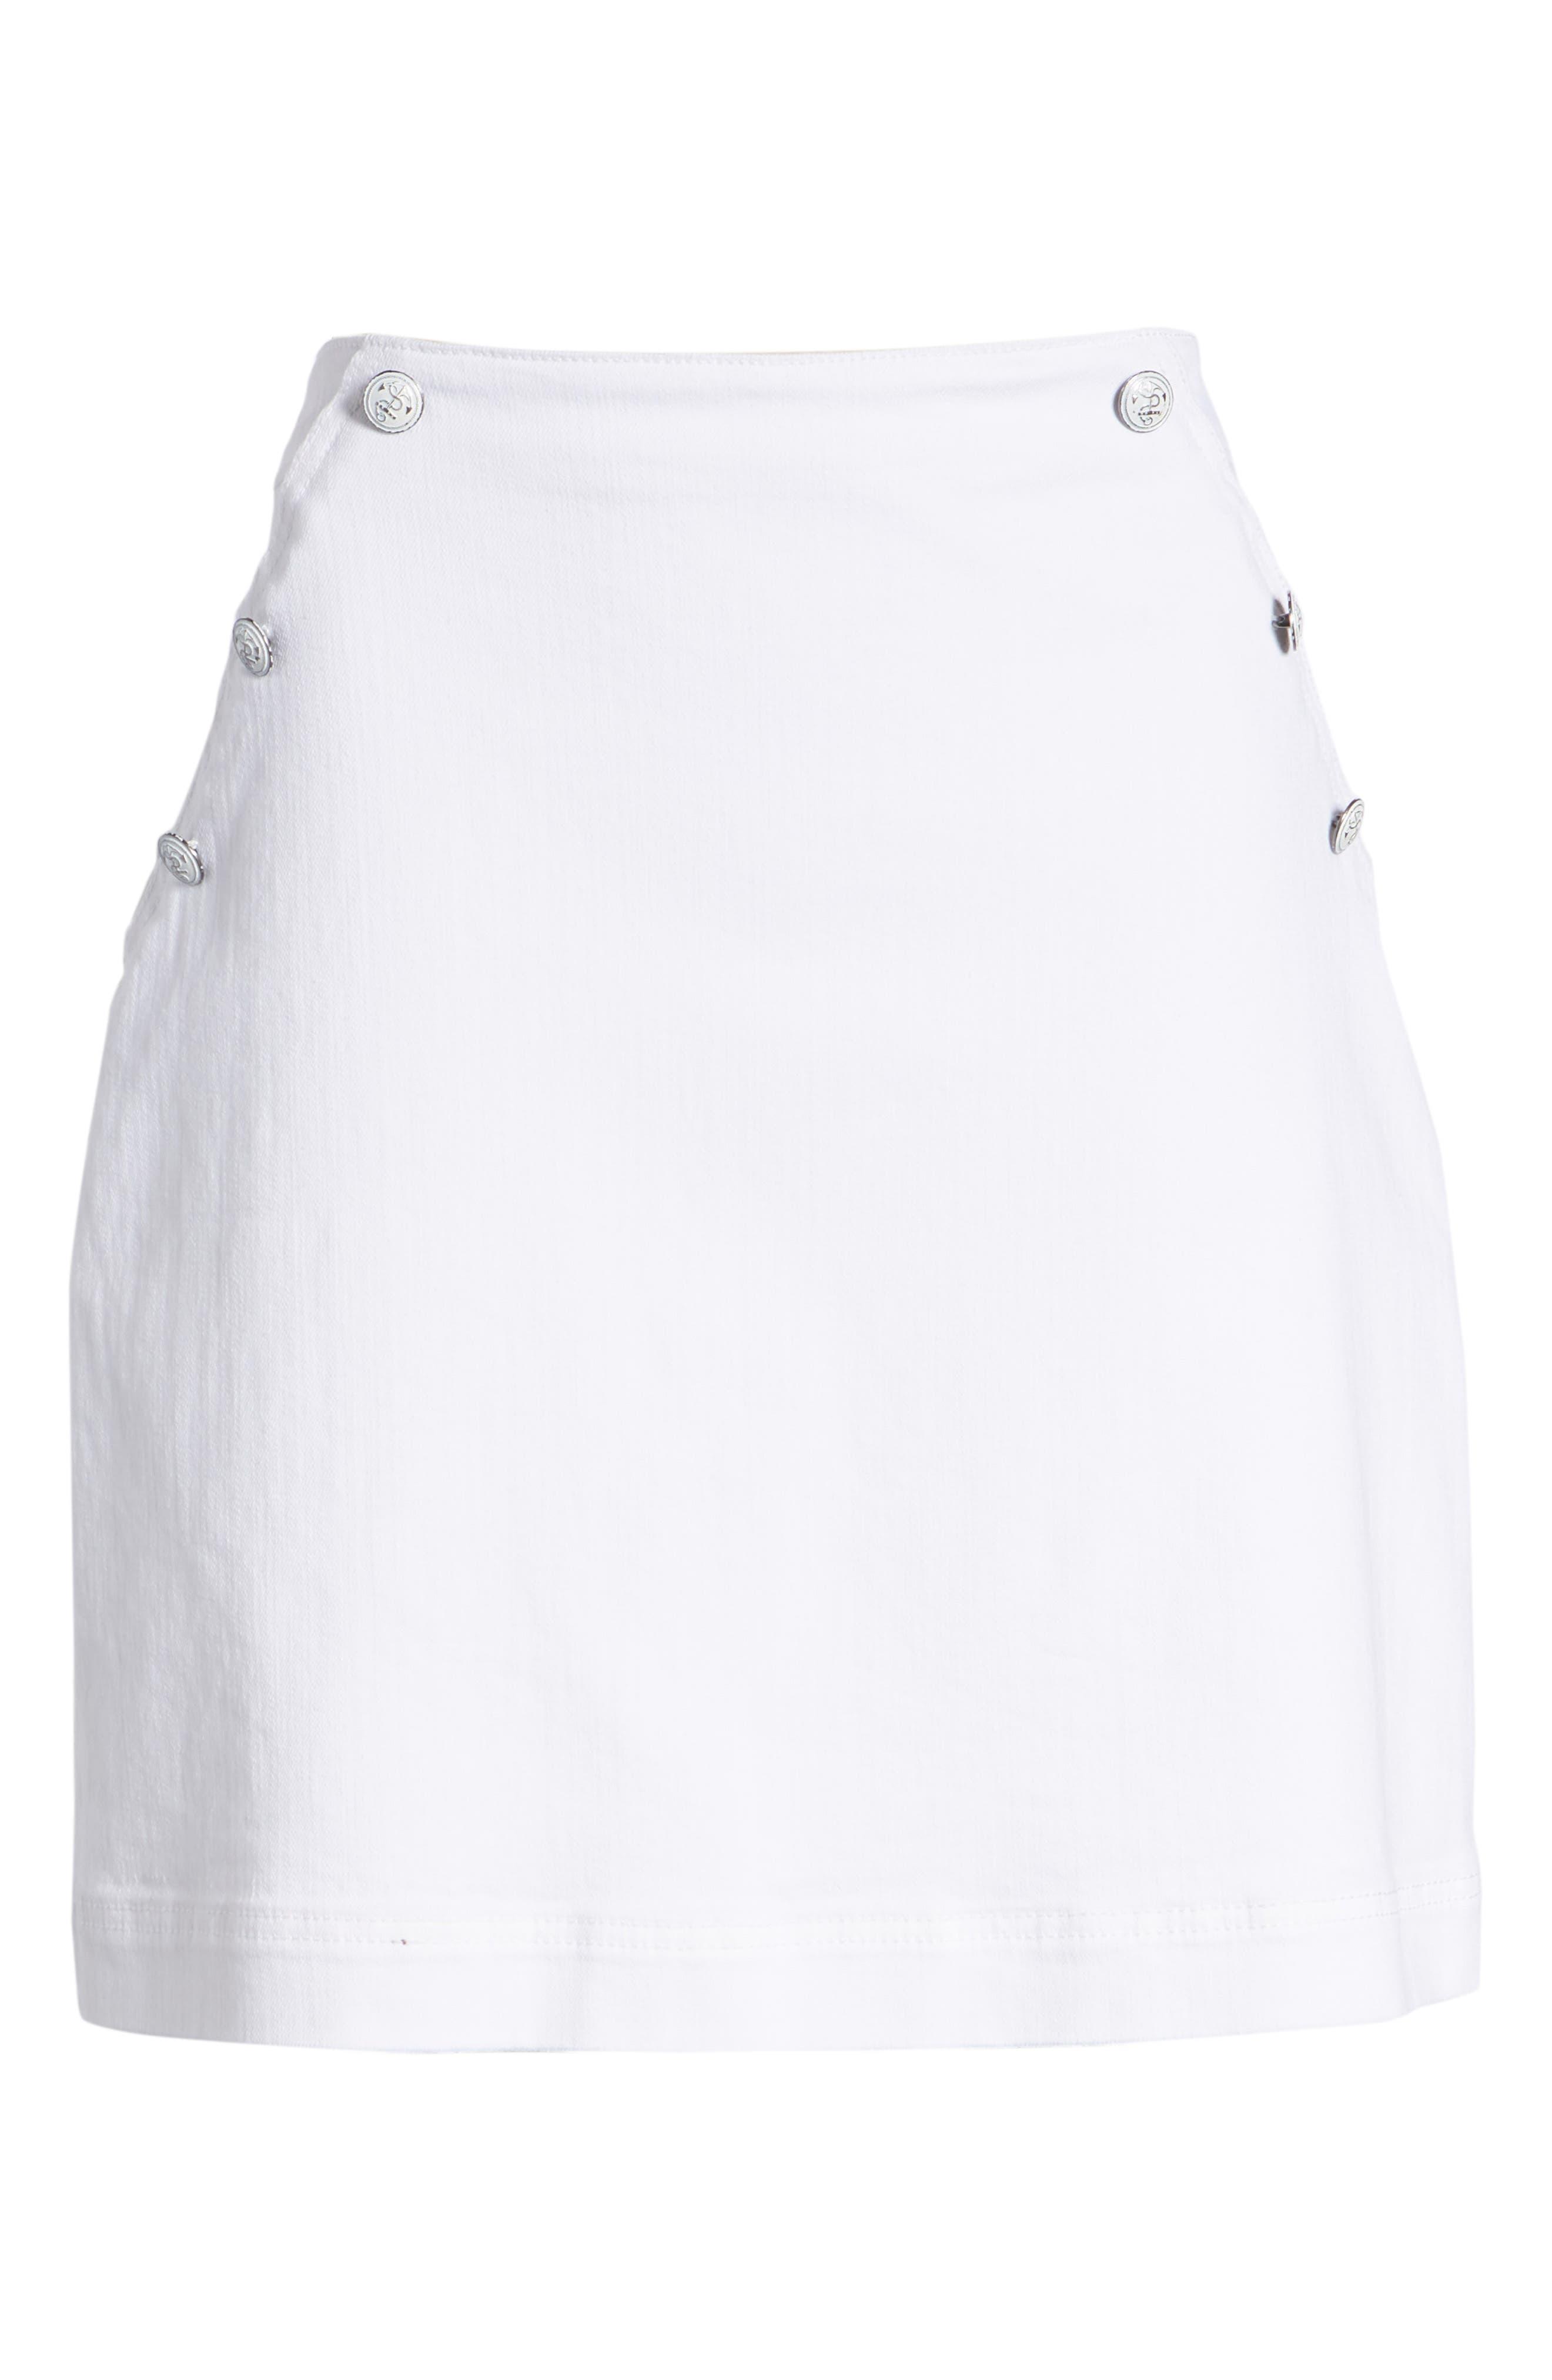 Sailor Button White Denim Skirt,                             Alternate thumbnail 7, color,                             White